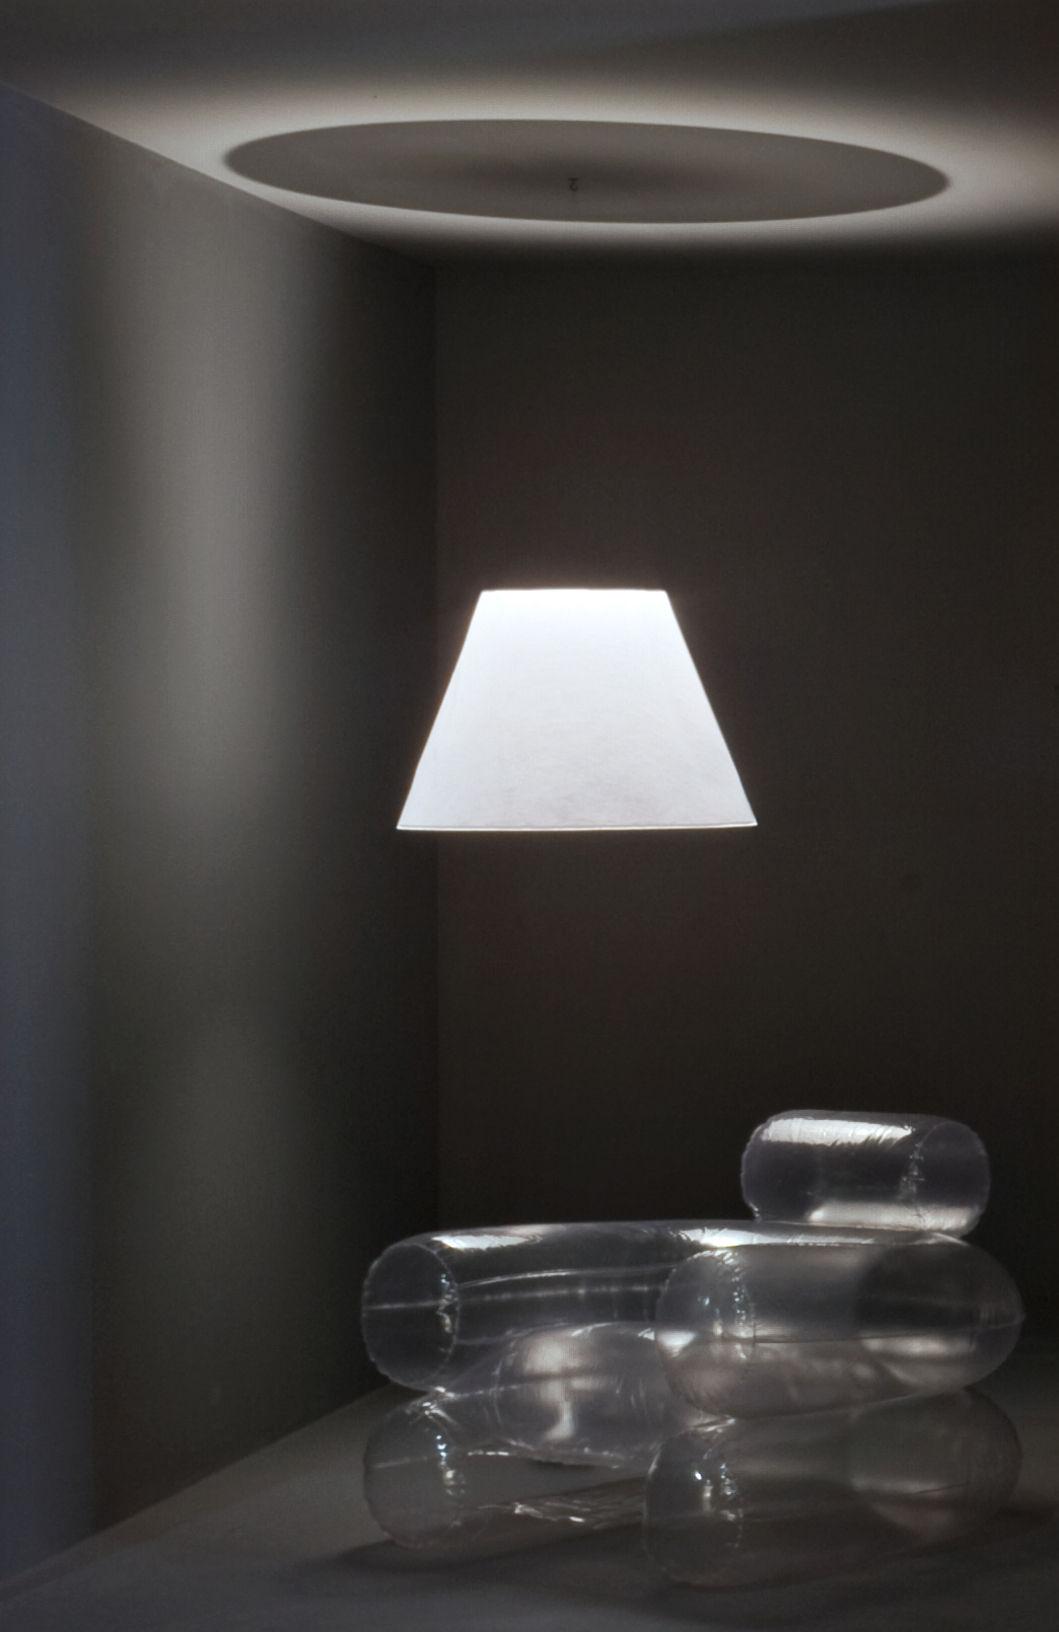 Lampe shade set projecteur led de sol abat jour non - Abat jour pour lampe de sol ...